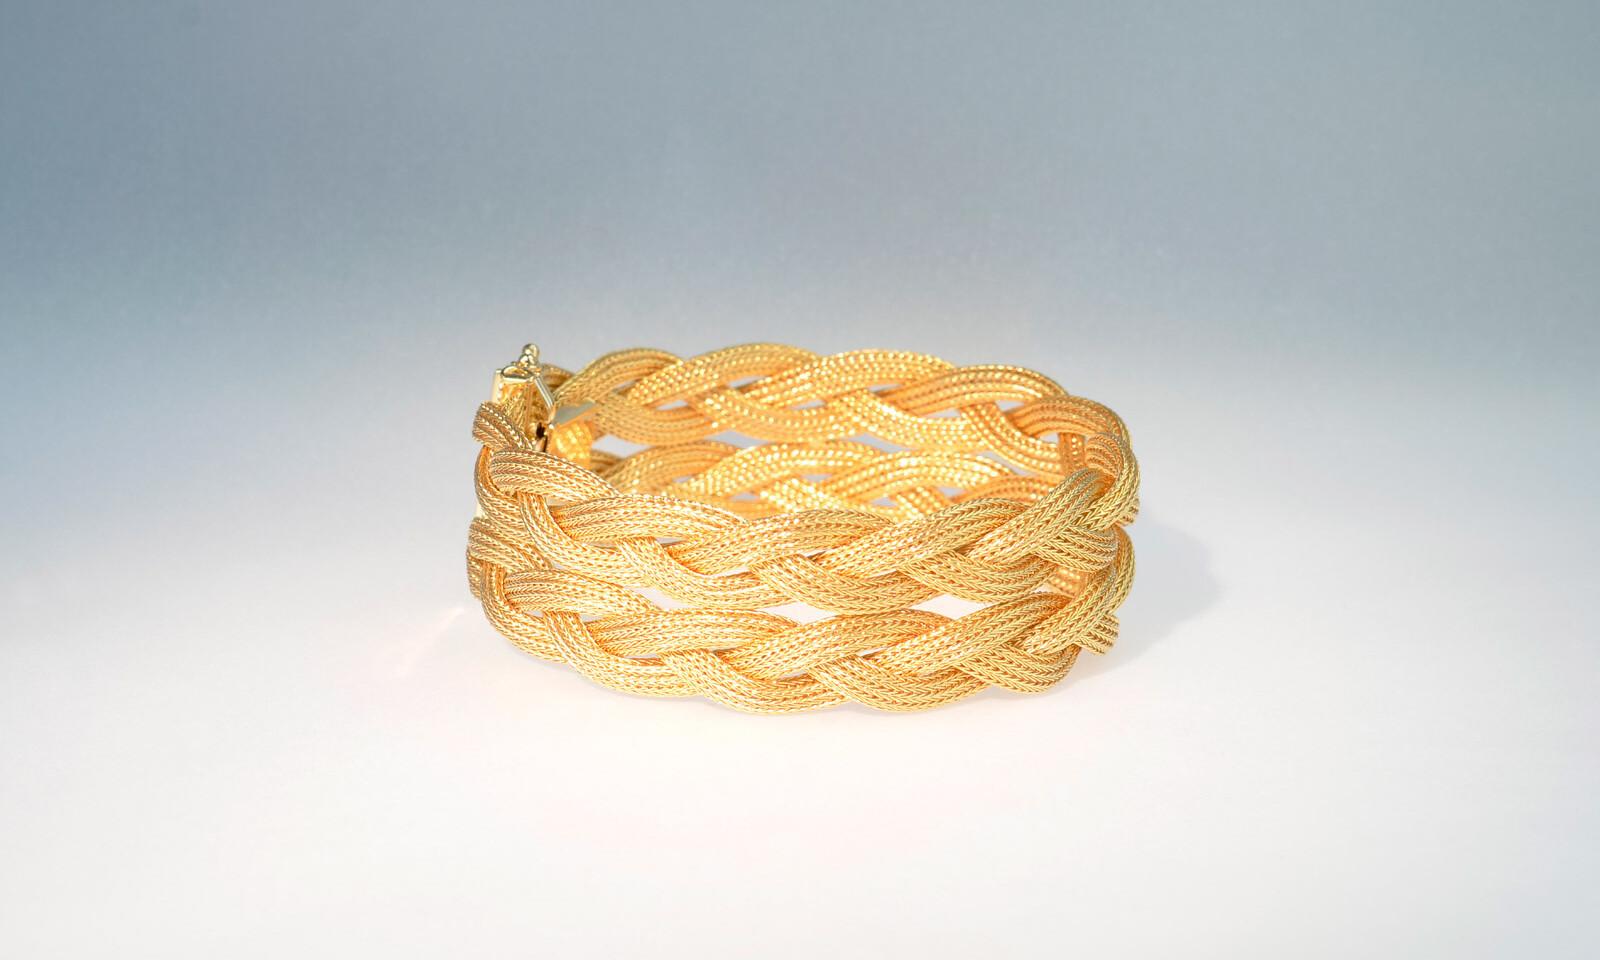 Armband 50 er zopf. Bracelet Gelbgold 750, 1950-er Jahre, Breite 21 mm, Länge 19.5 cm,  45.2 gr. CHF 3800.-